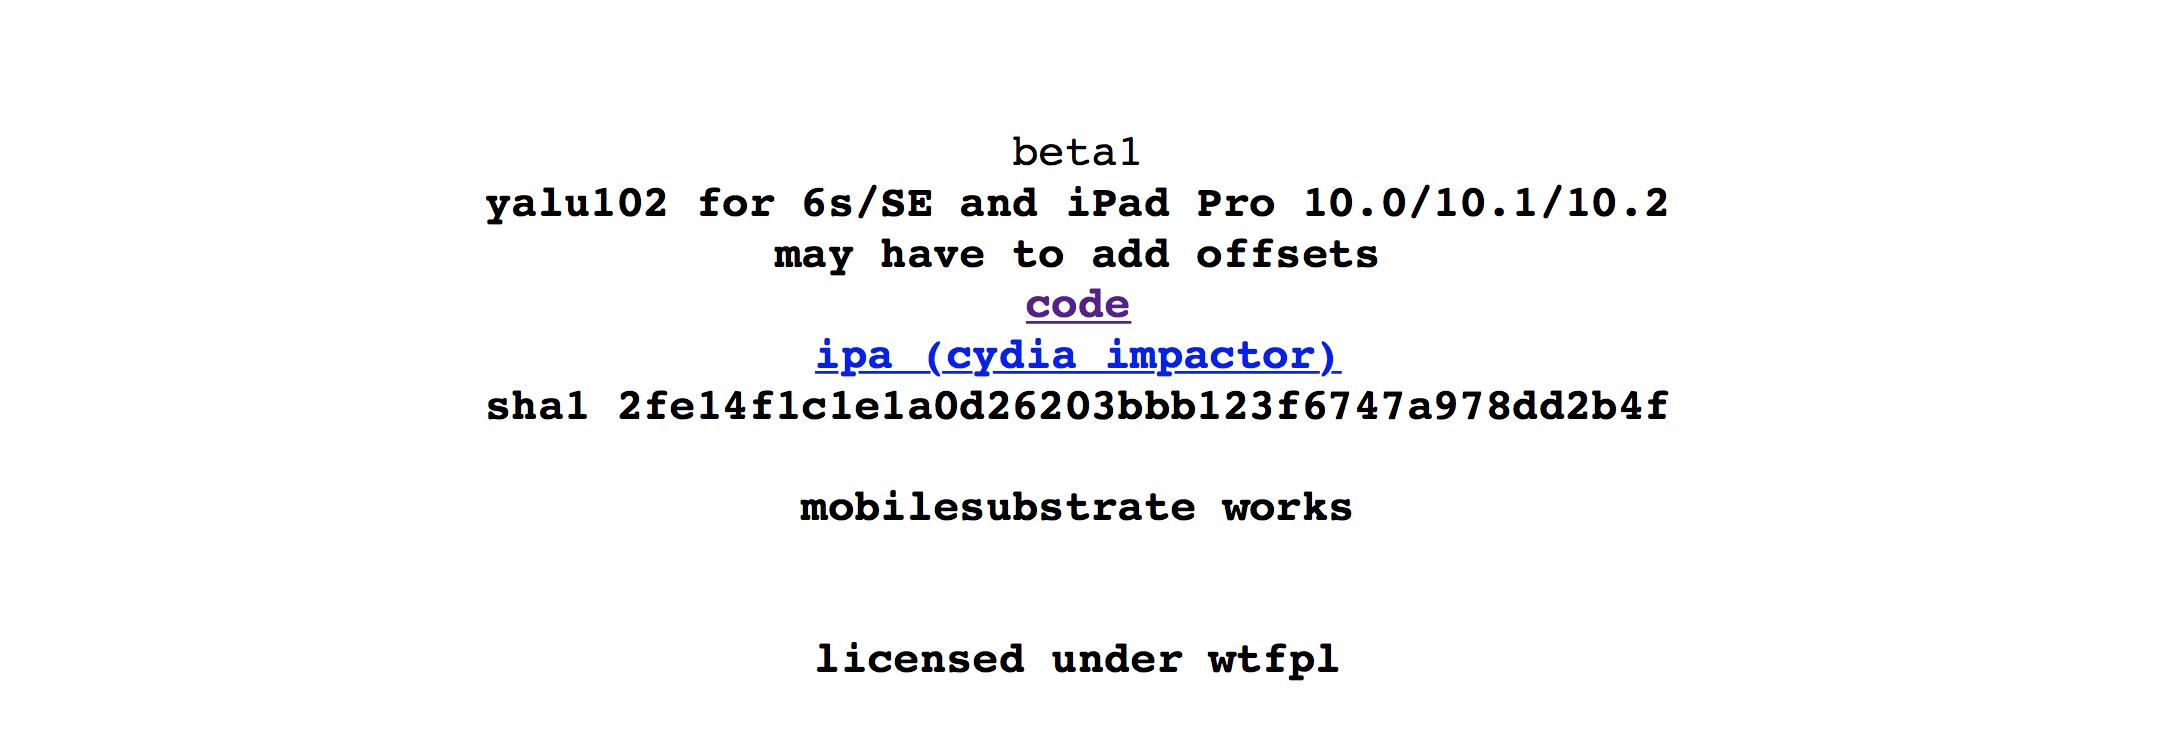 Вышла новая версия Yalu с поддержкой джейлбрейка iOS 10.2